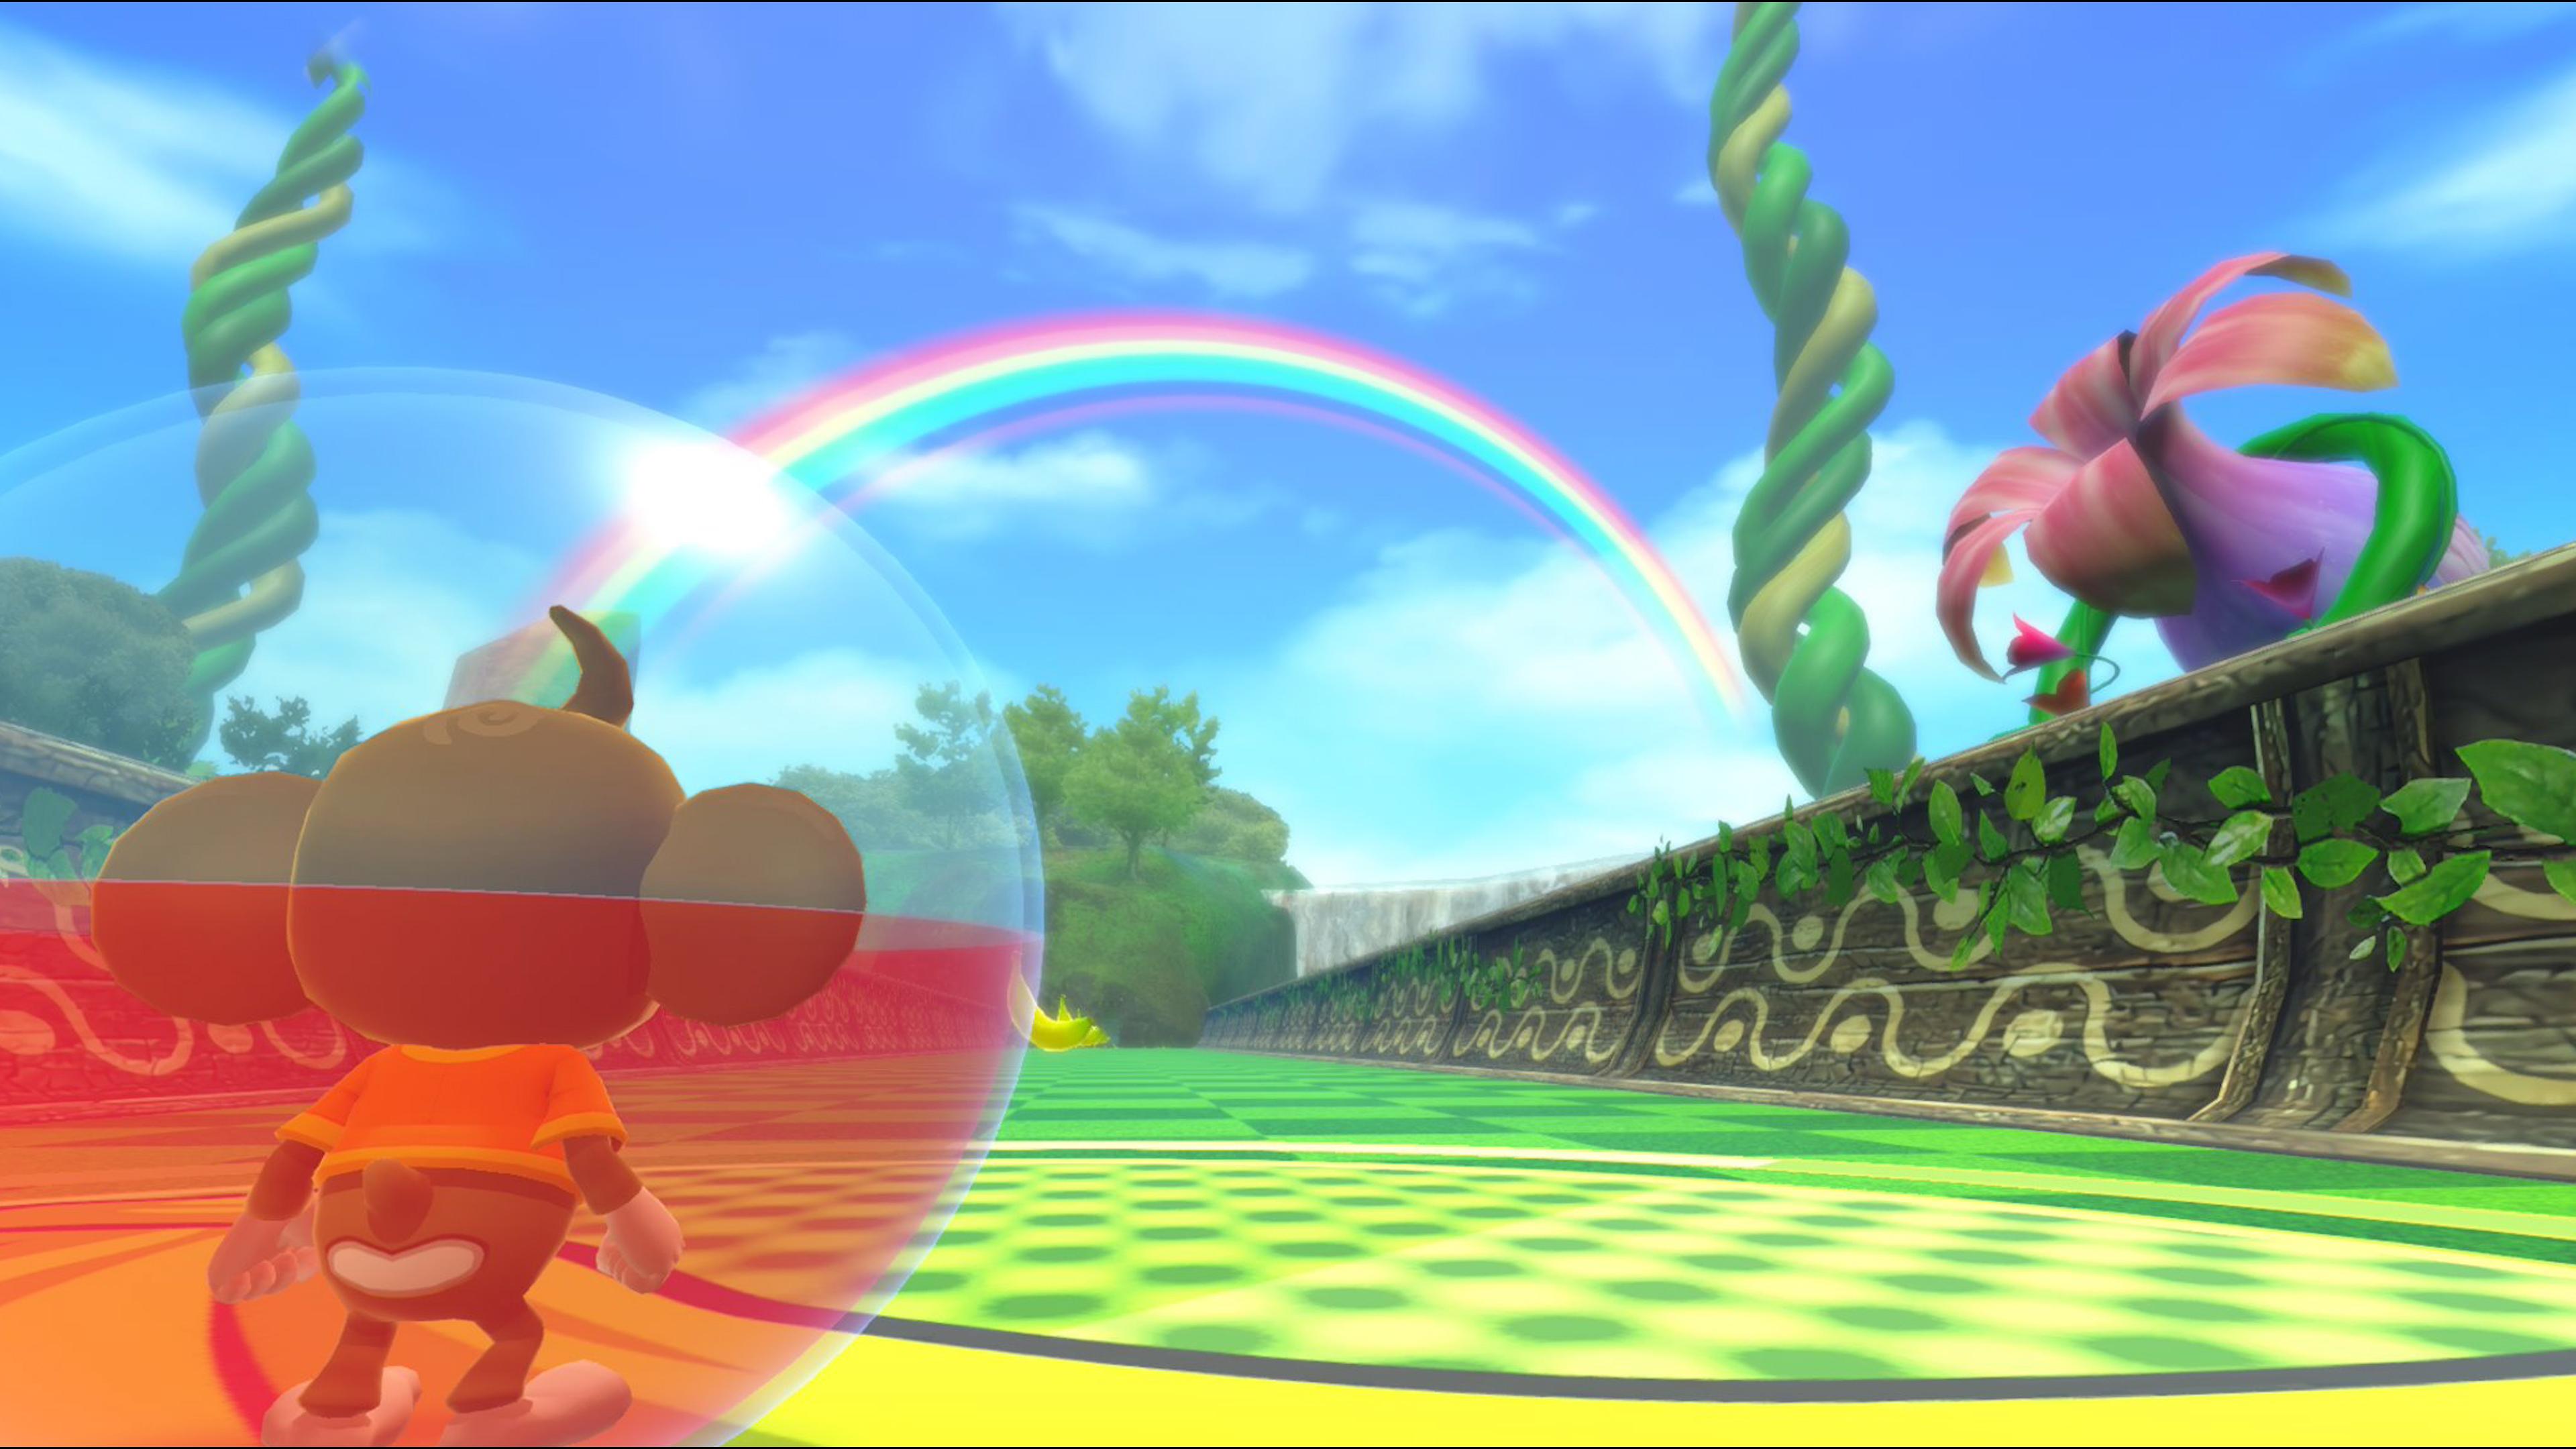 Скриншот №1 к Super Monkey Ball Banana Mania PS4 and PS5